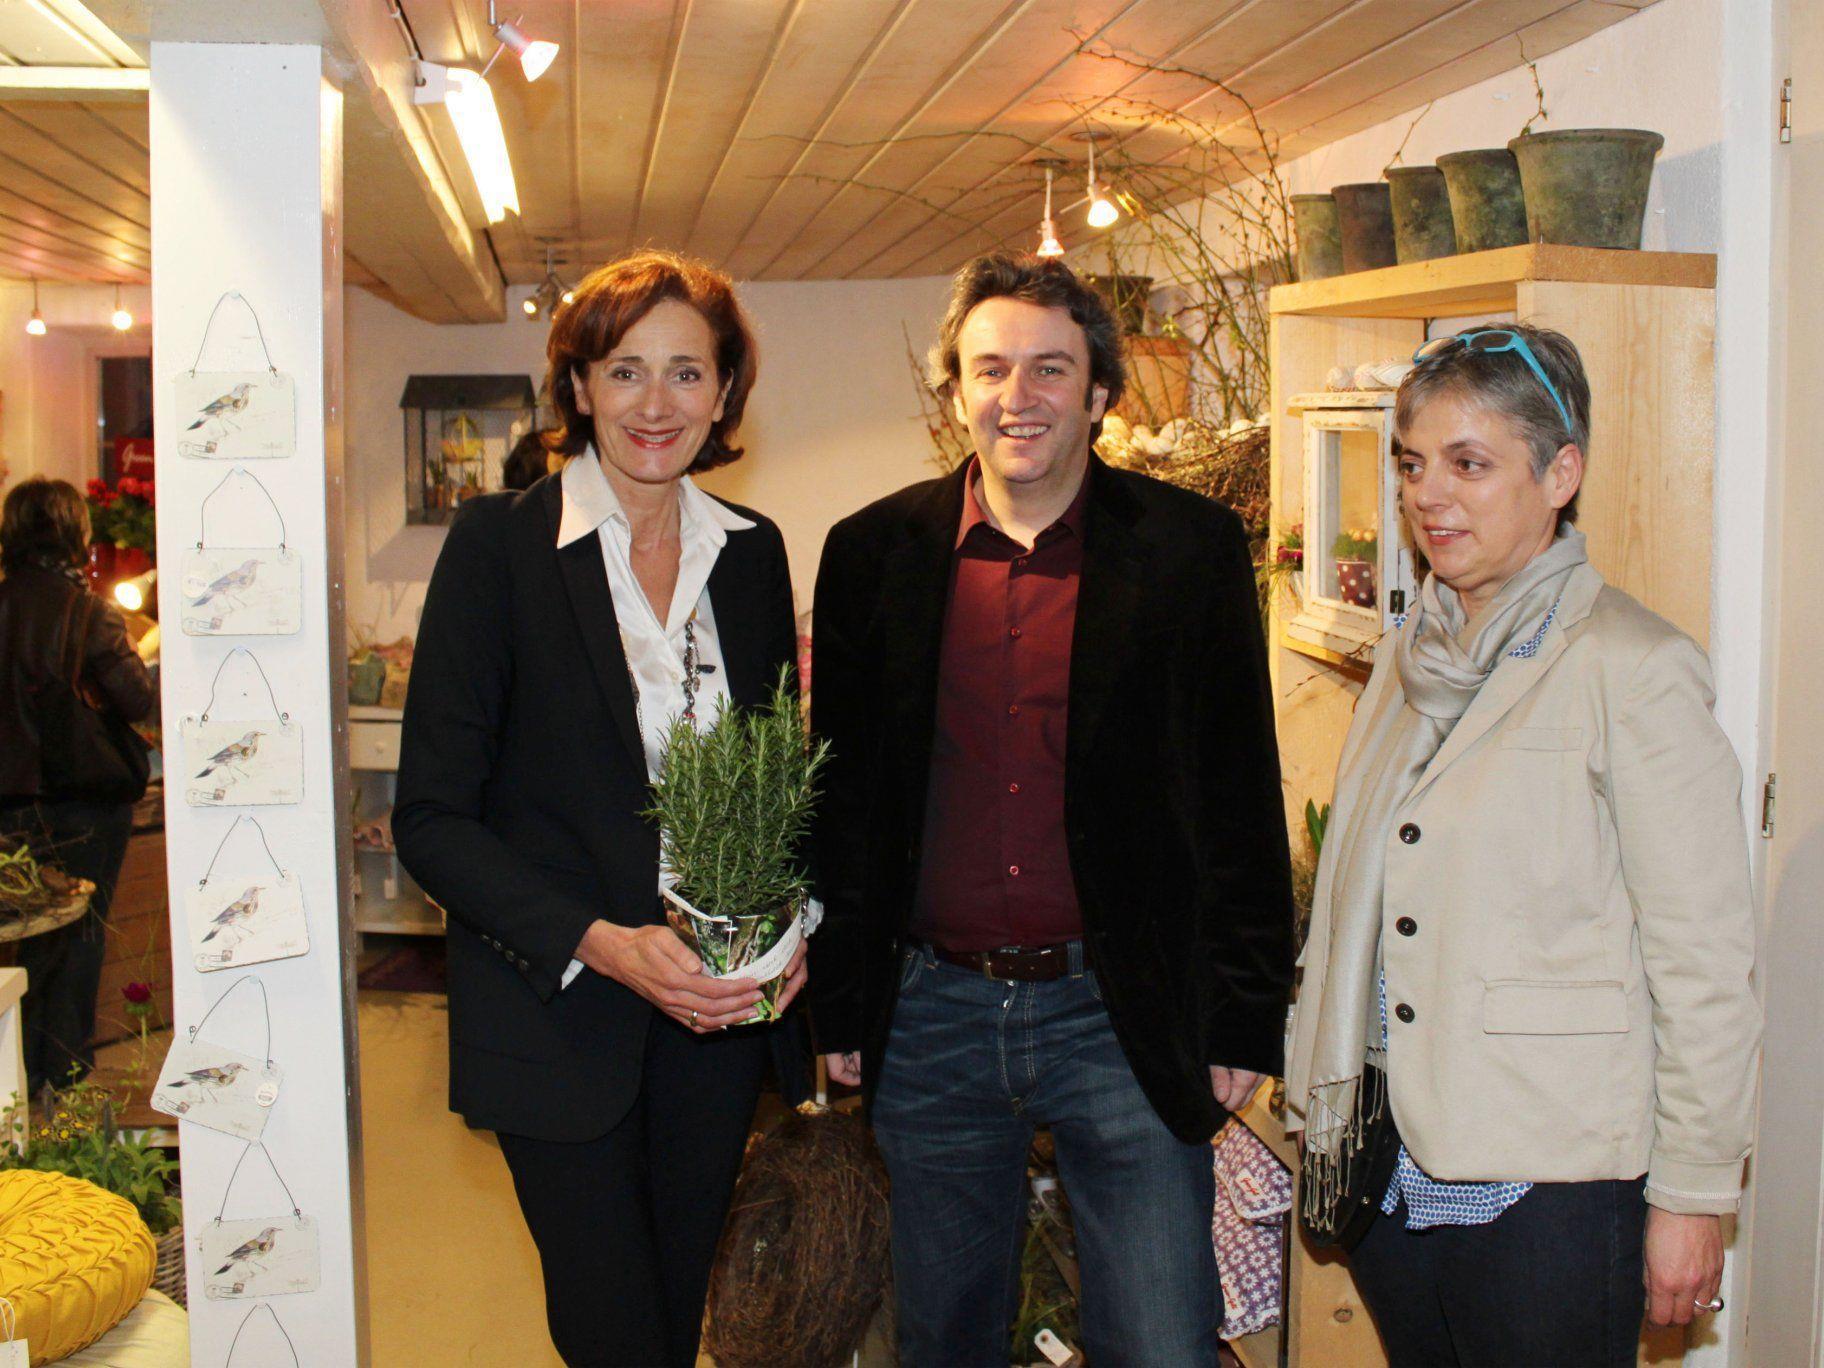 LTP Bernadette Mennel mit Bgm. Michael Tinkhauser und Hilde Schweigkofler.